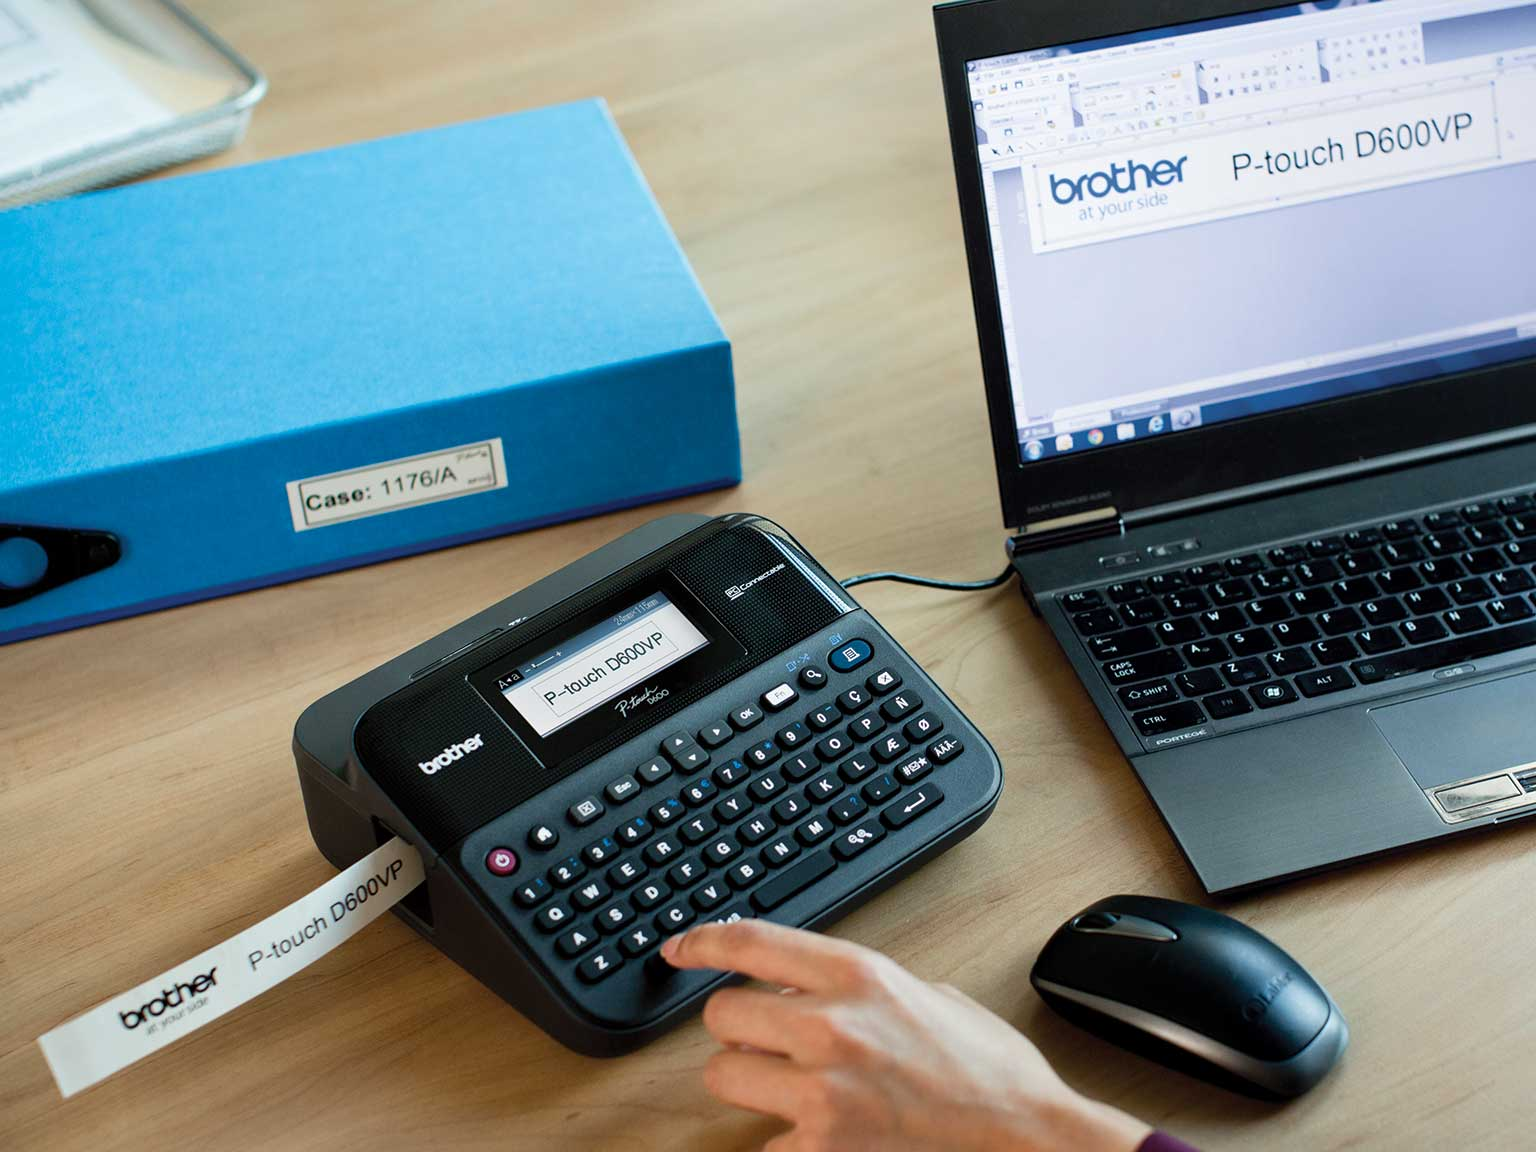 pisač izdržljivih naljepnica P-touch na uredskom stolu povezan s računalom